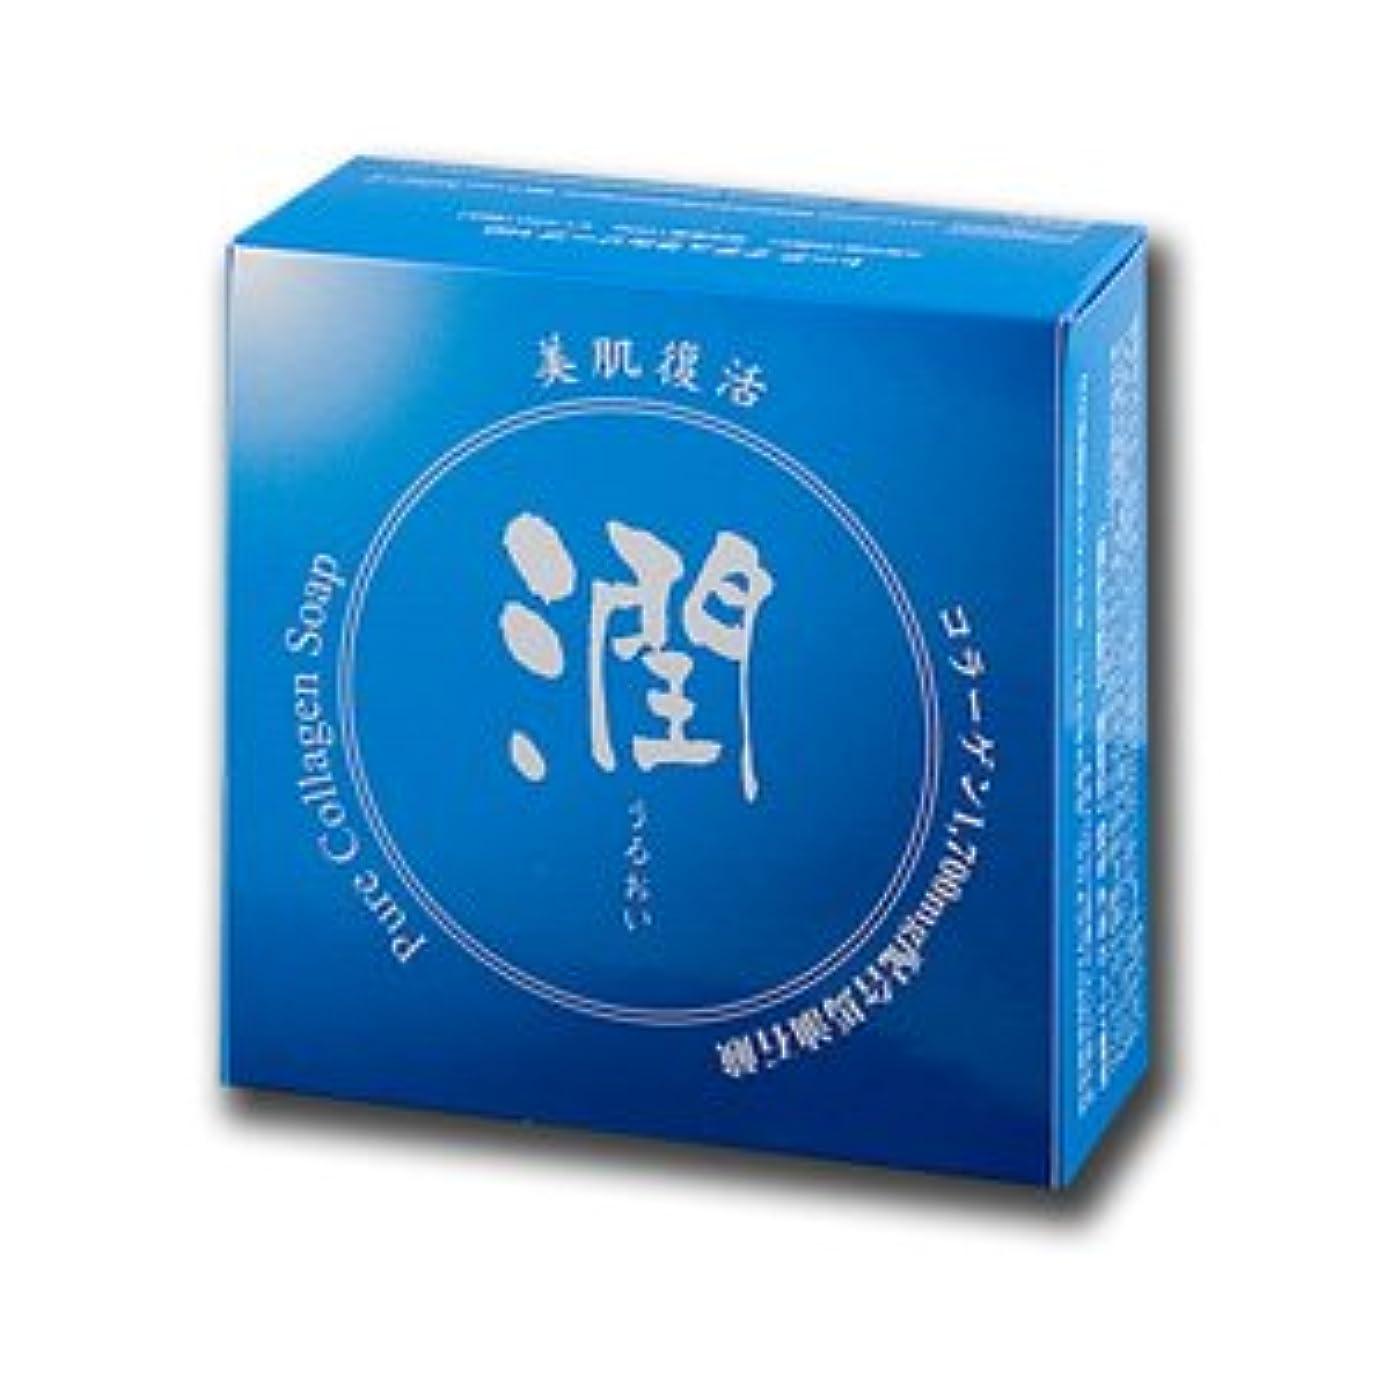 新着やさしい承認するコラーゲン馬油石鹸 潤 100g (#800410) ×10個セット